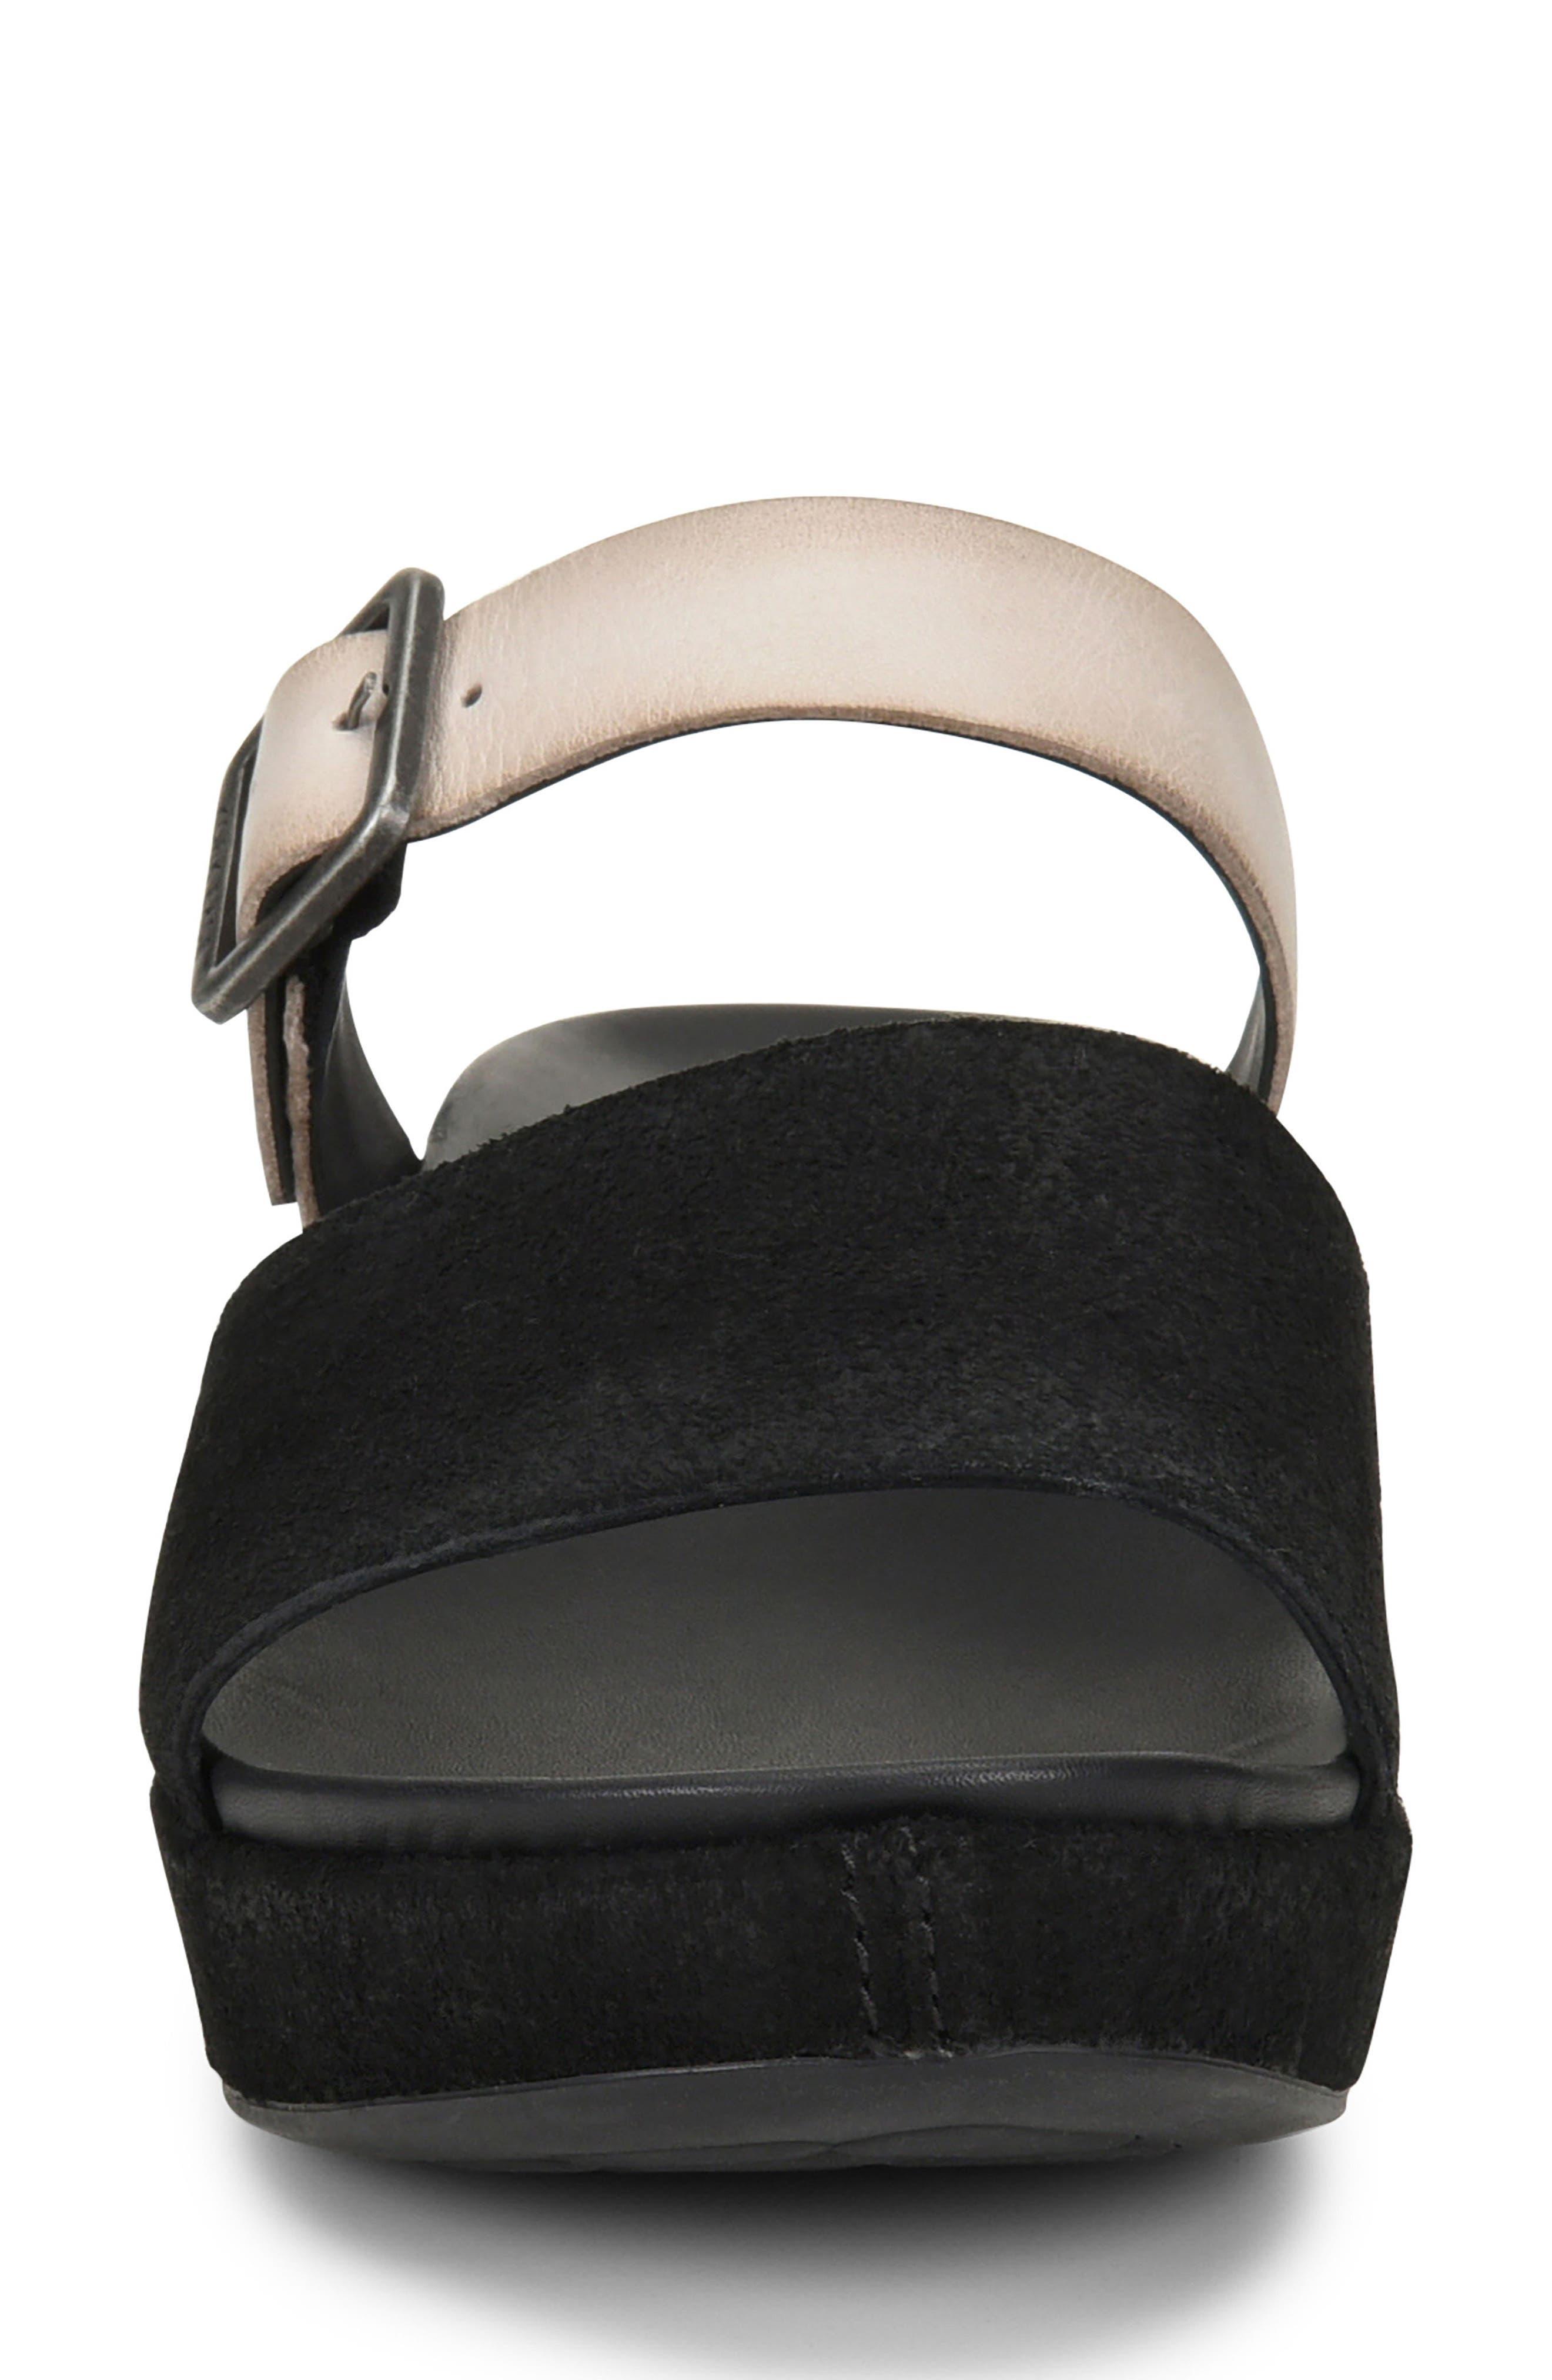 Bisti Wedge Slide Sandal,                         Main,                         color, BLACK/ GREY LEATHER